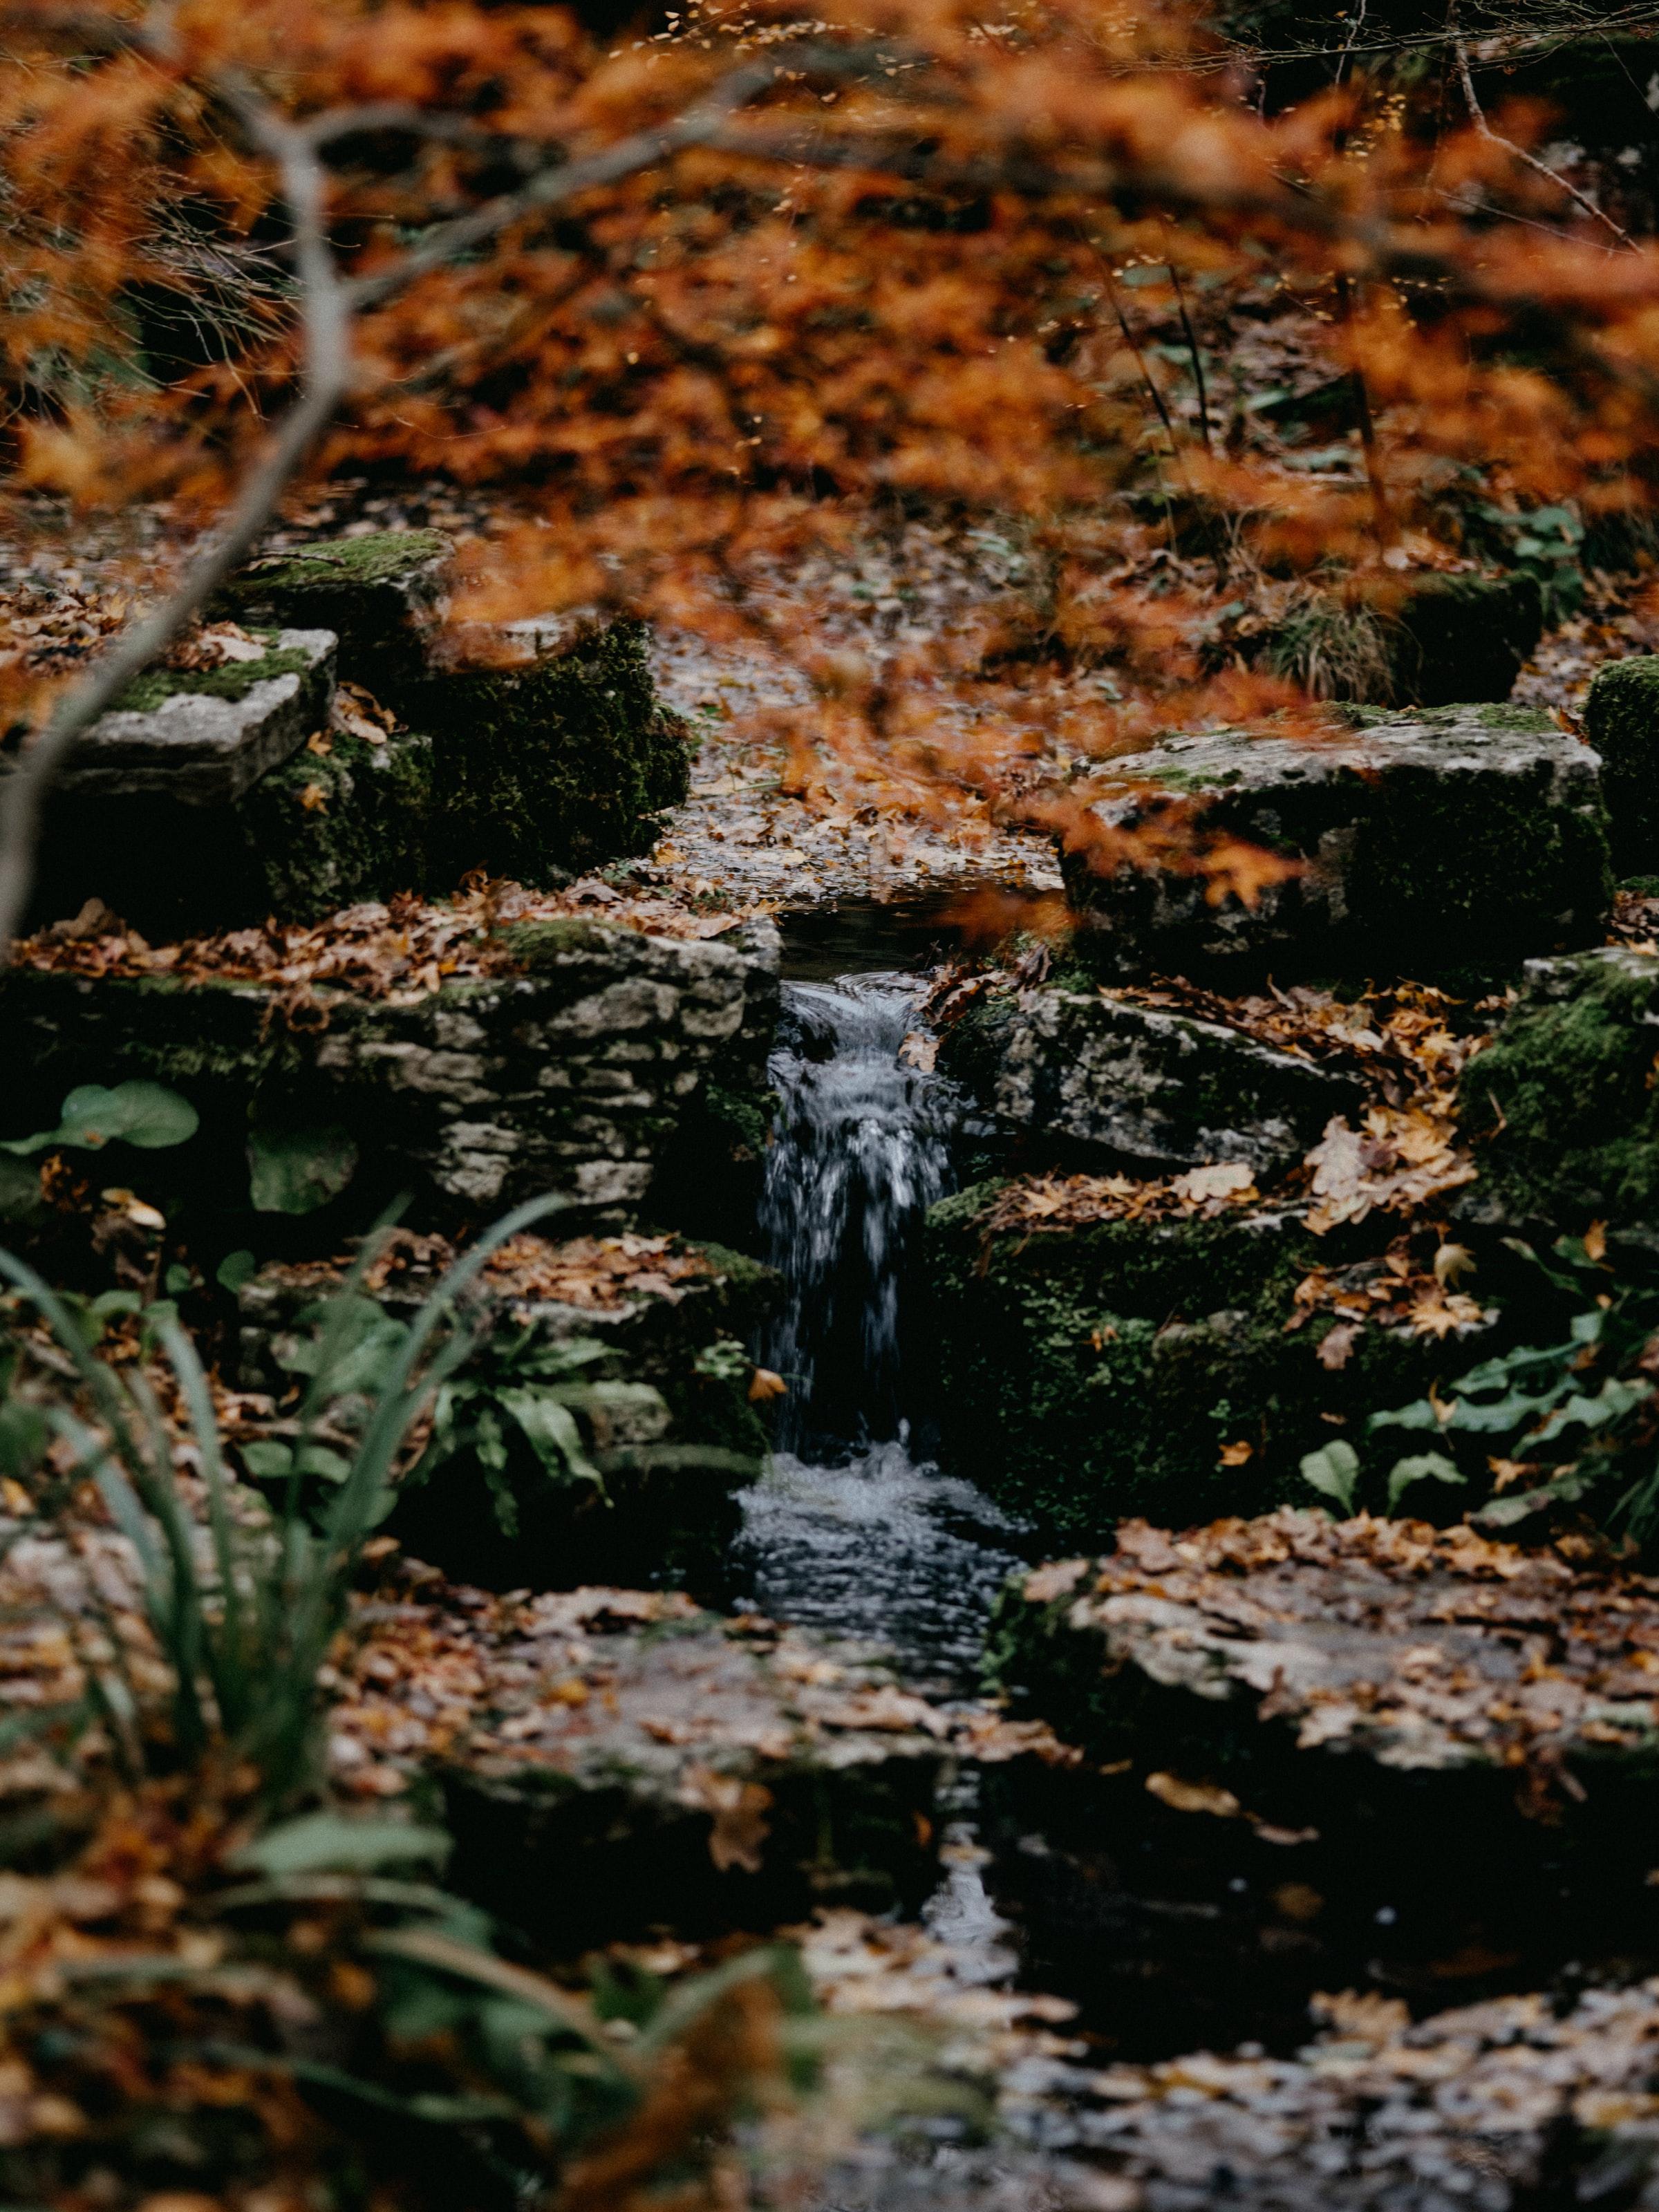 101737 скачать обои Природа, Ручей, Камни, Вода, Трава, Мох - заставки и картинки бесплатно